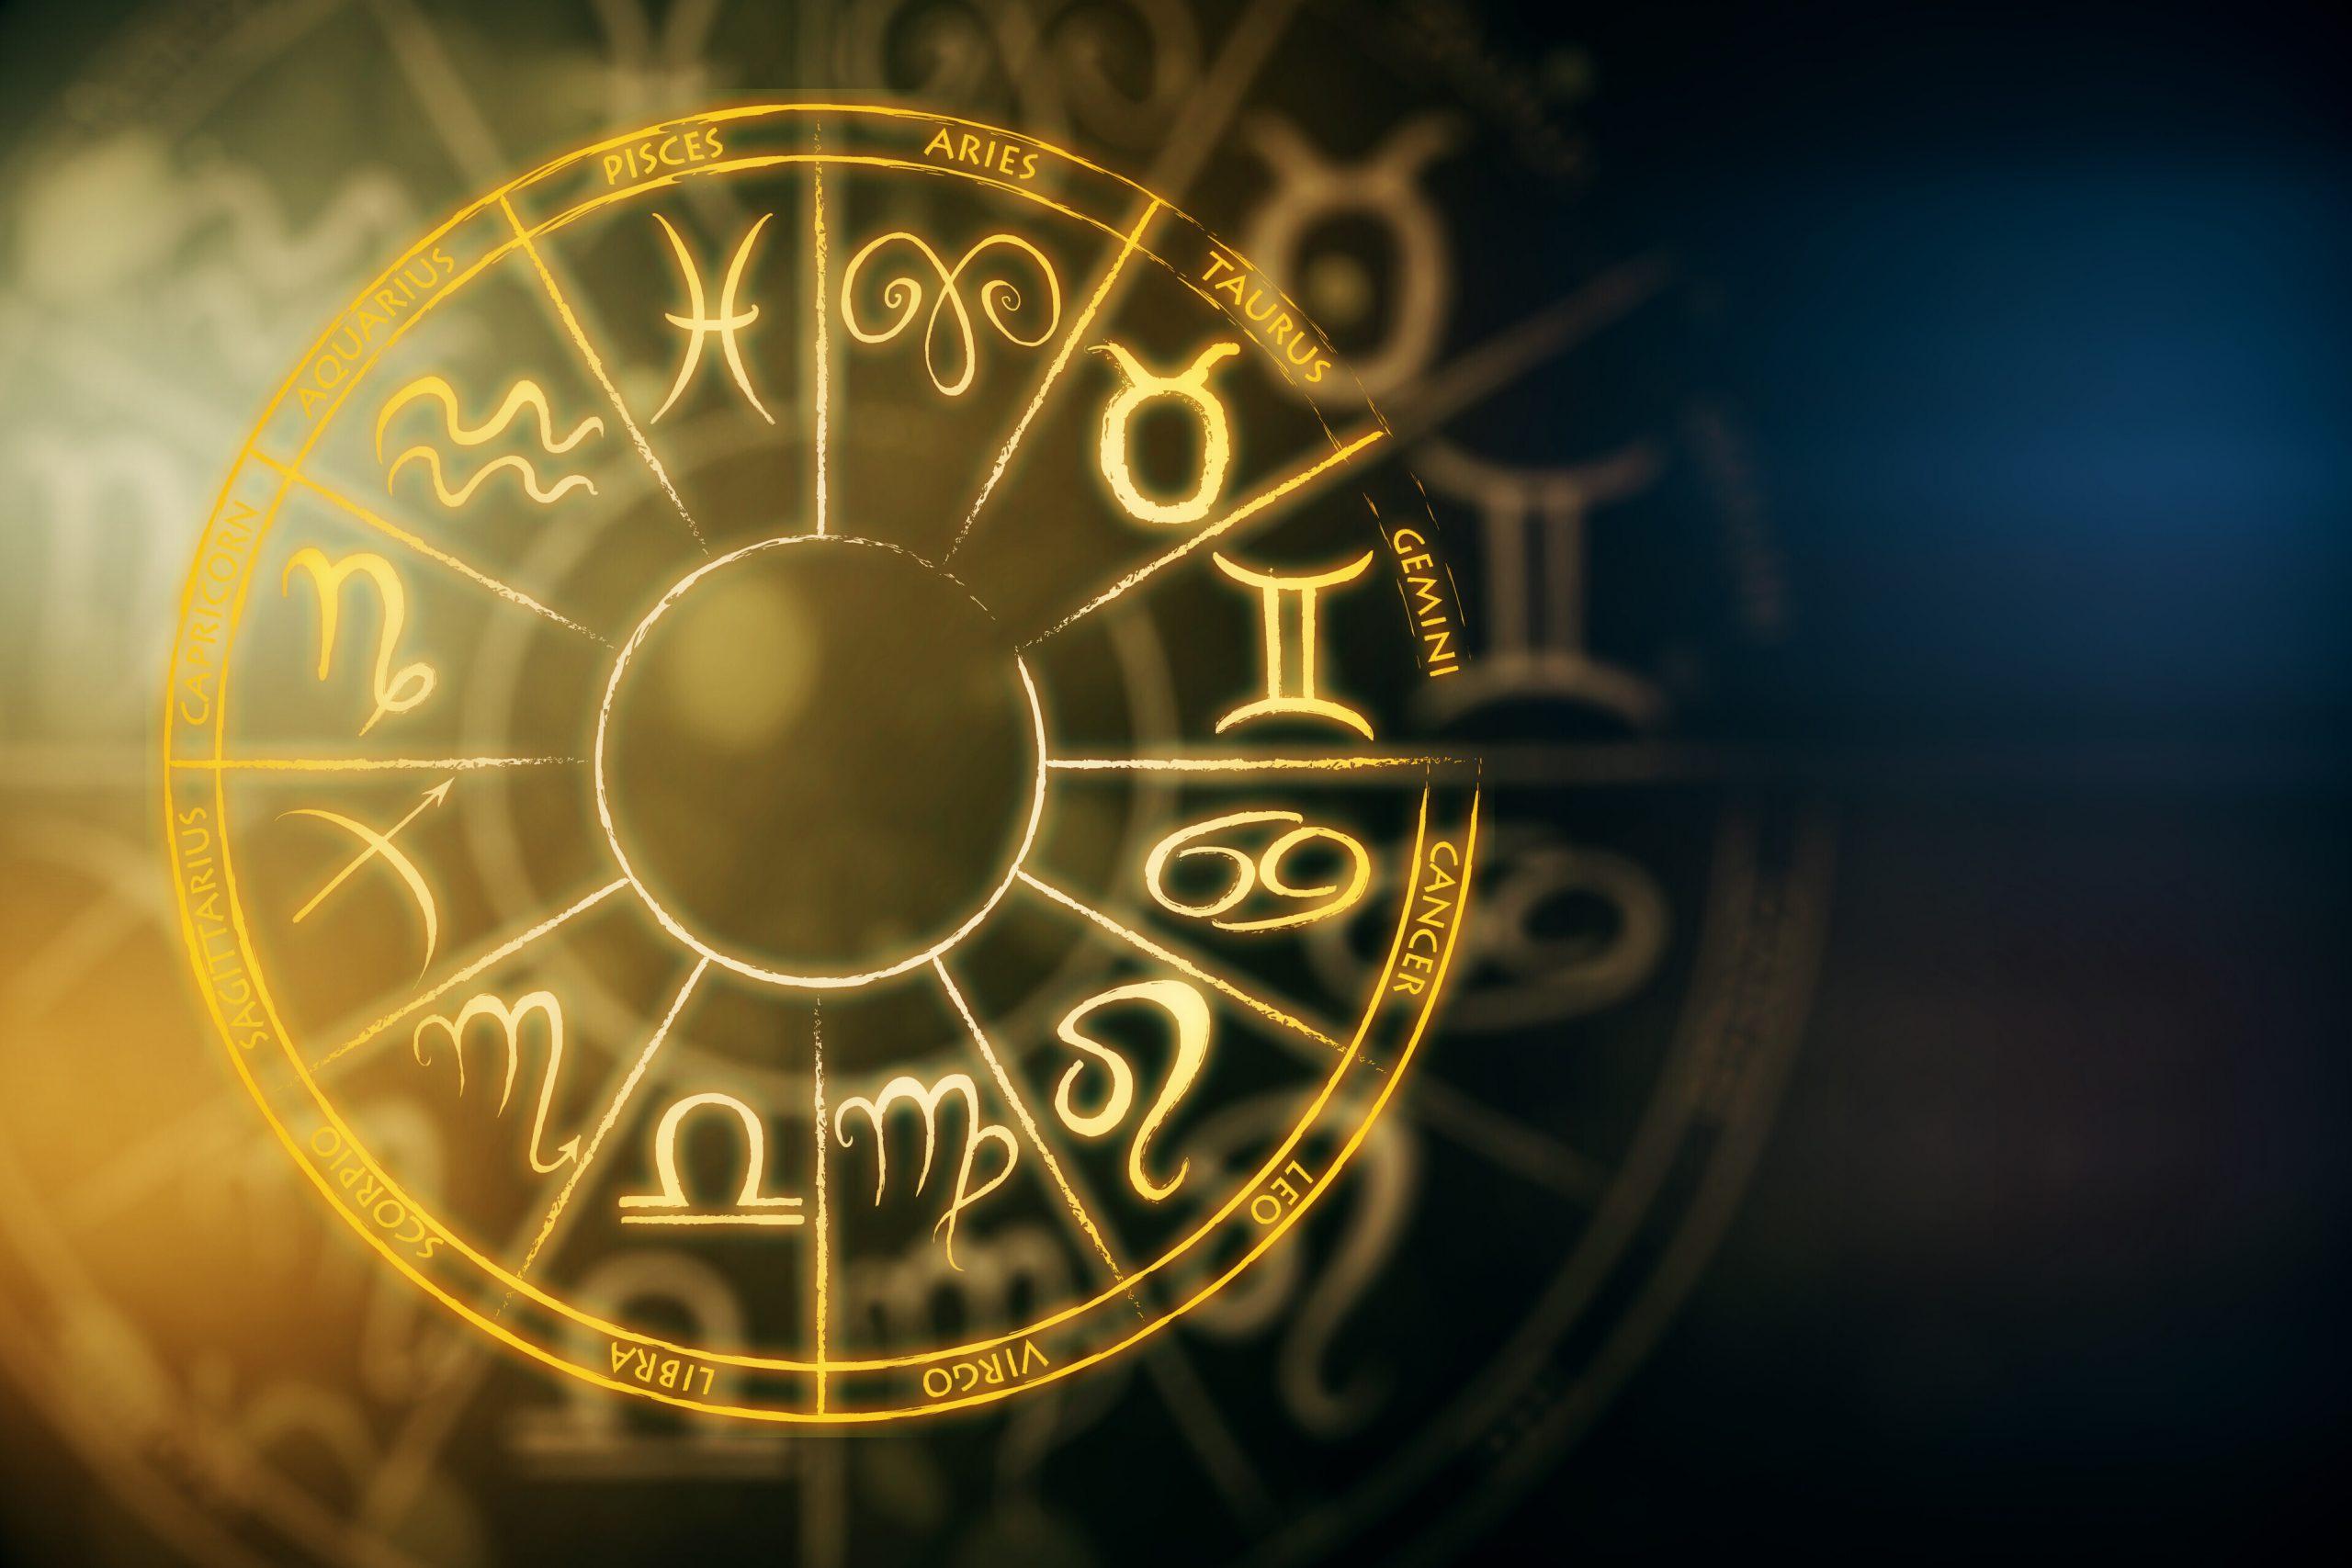 Horoskop heute: So stehen die Sterne am Samstag für Sie